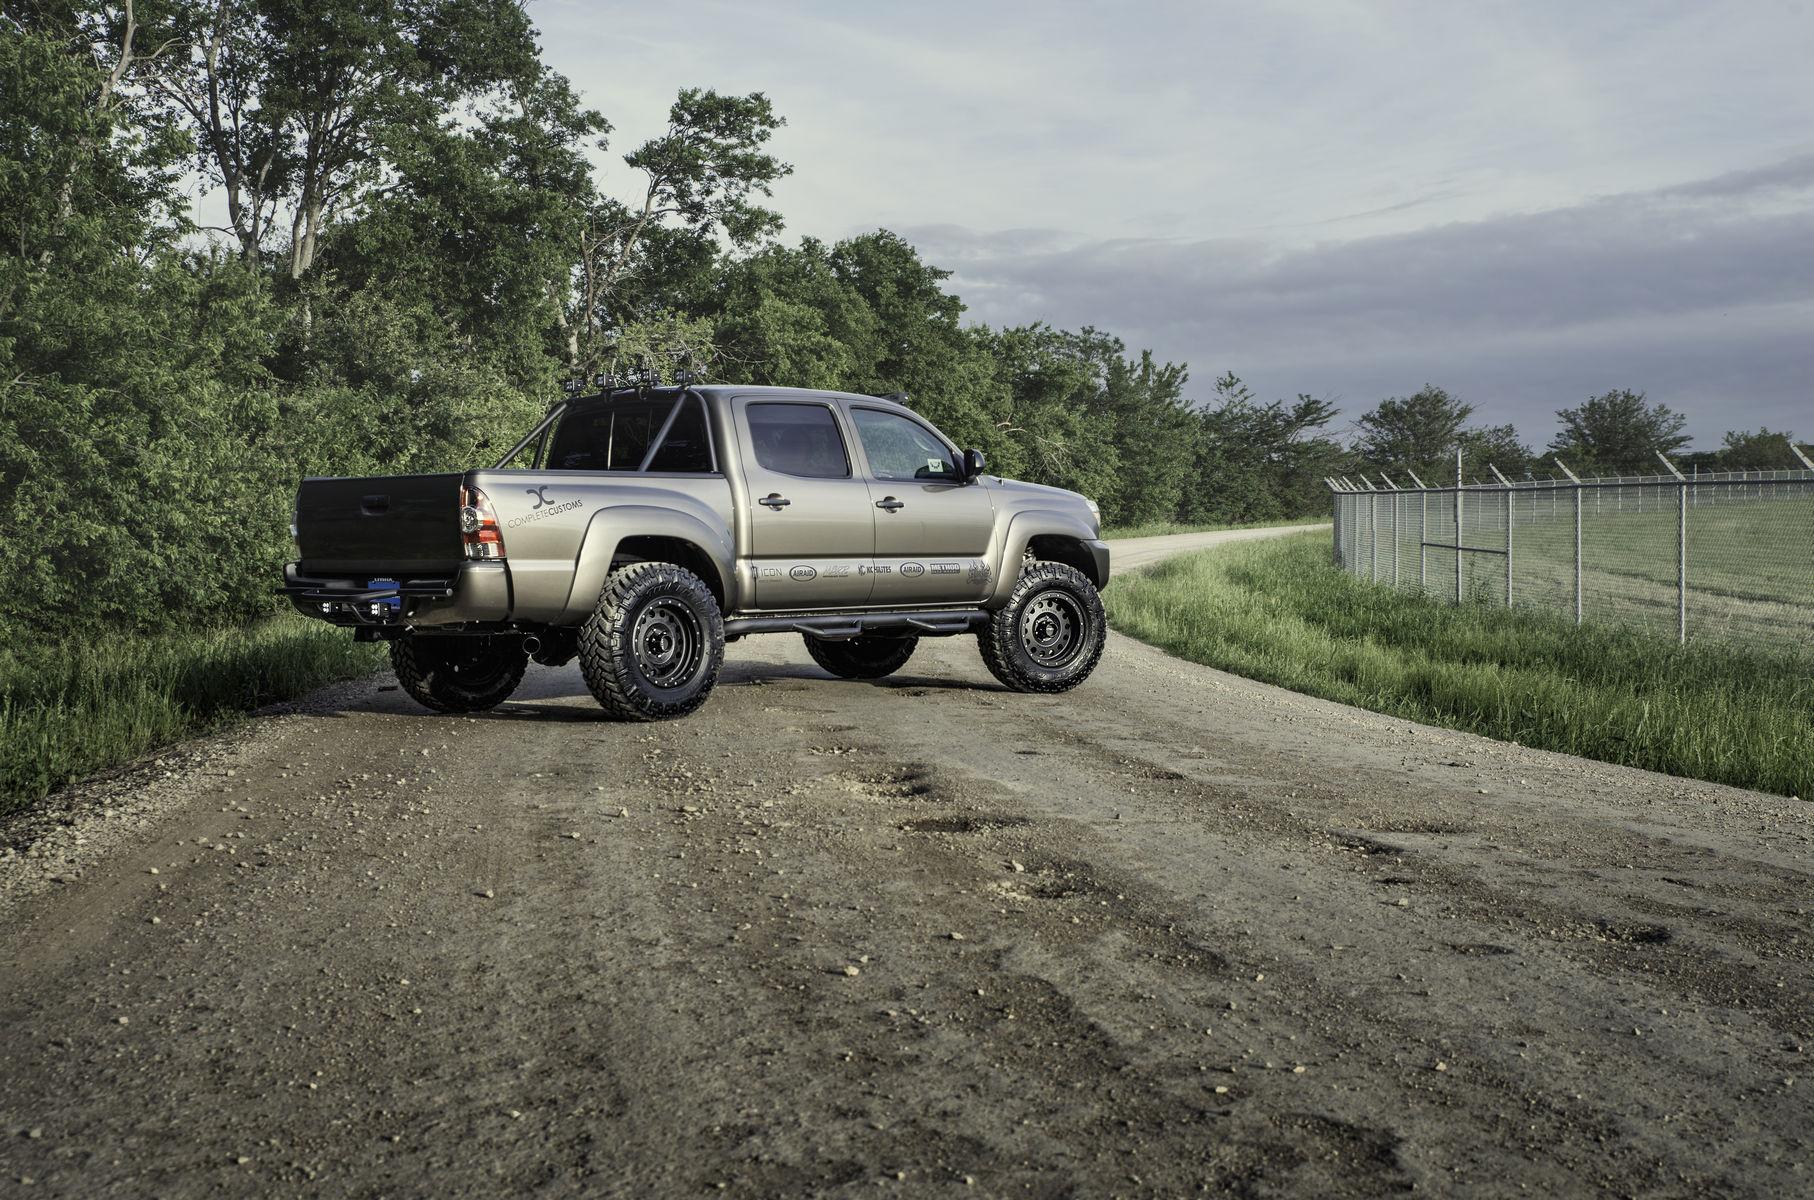 Toyota Tacoma | Complete Customs Toyota Tacoma Build